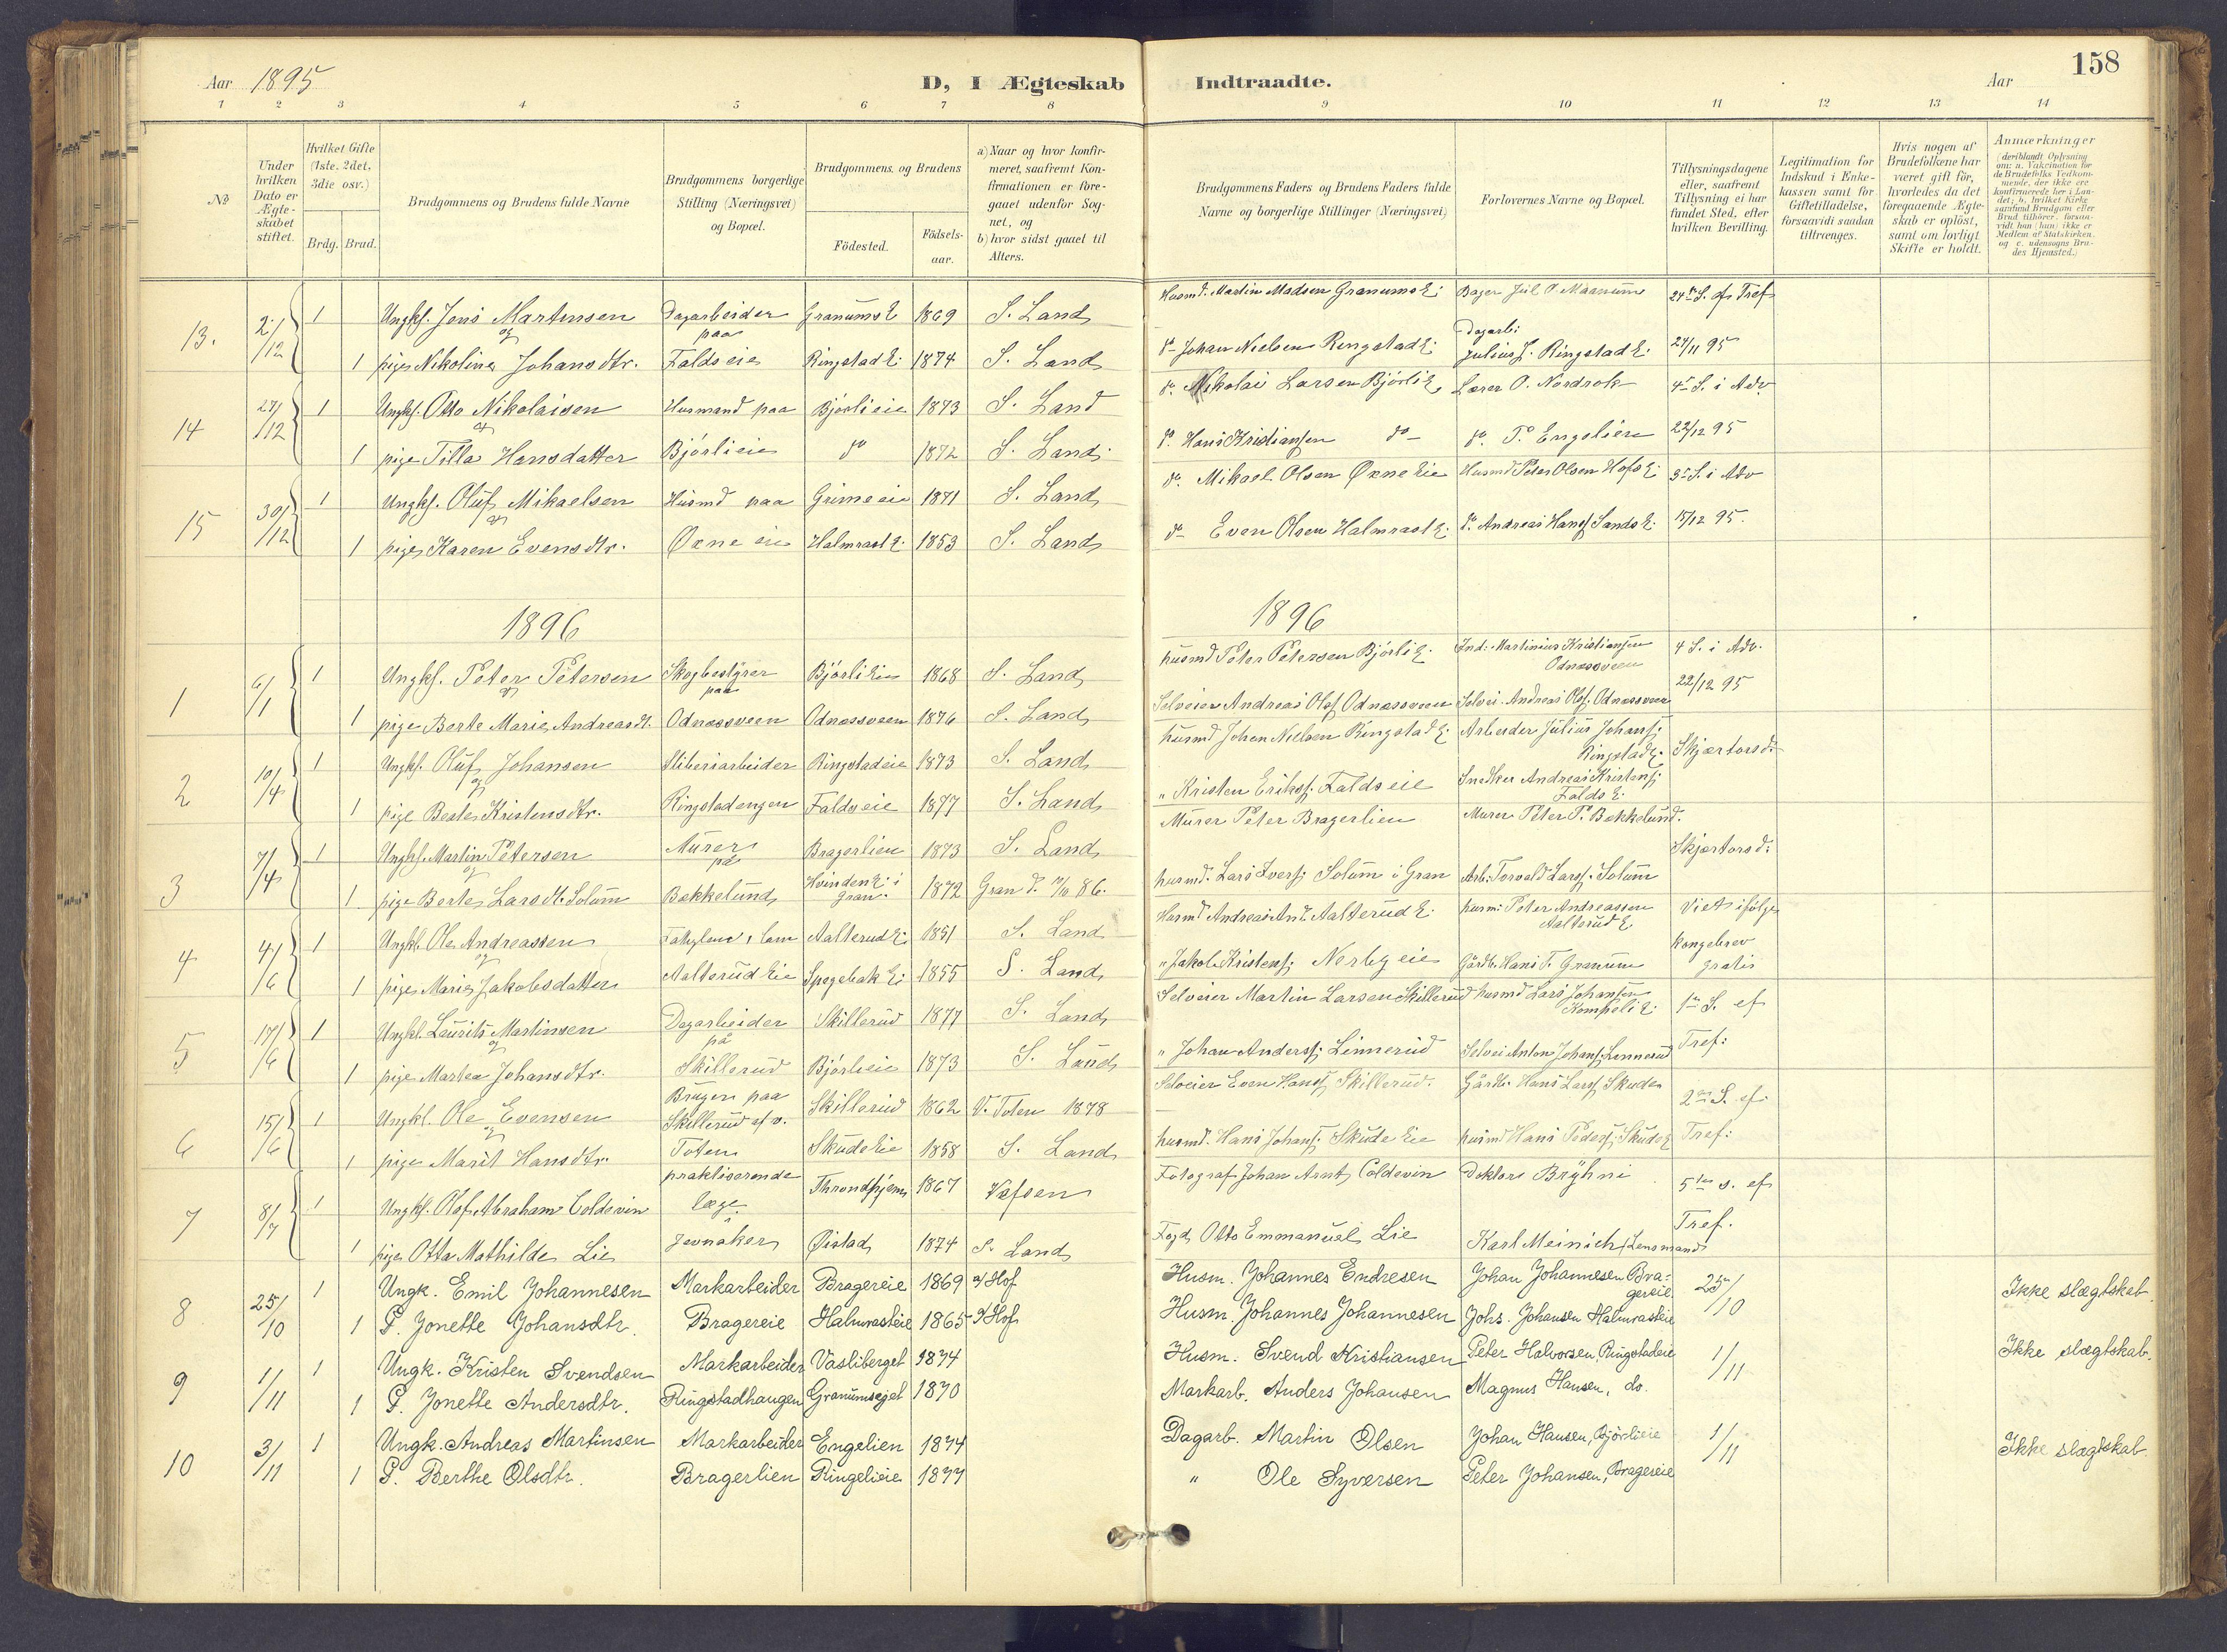 SAH, Søndre Land prestekontor, K/L0006: Ministerialbok nr. 6, 1895-1904, s. 158